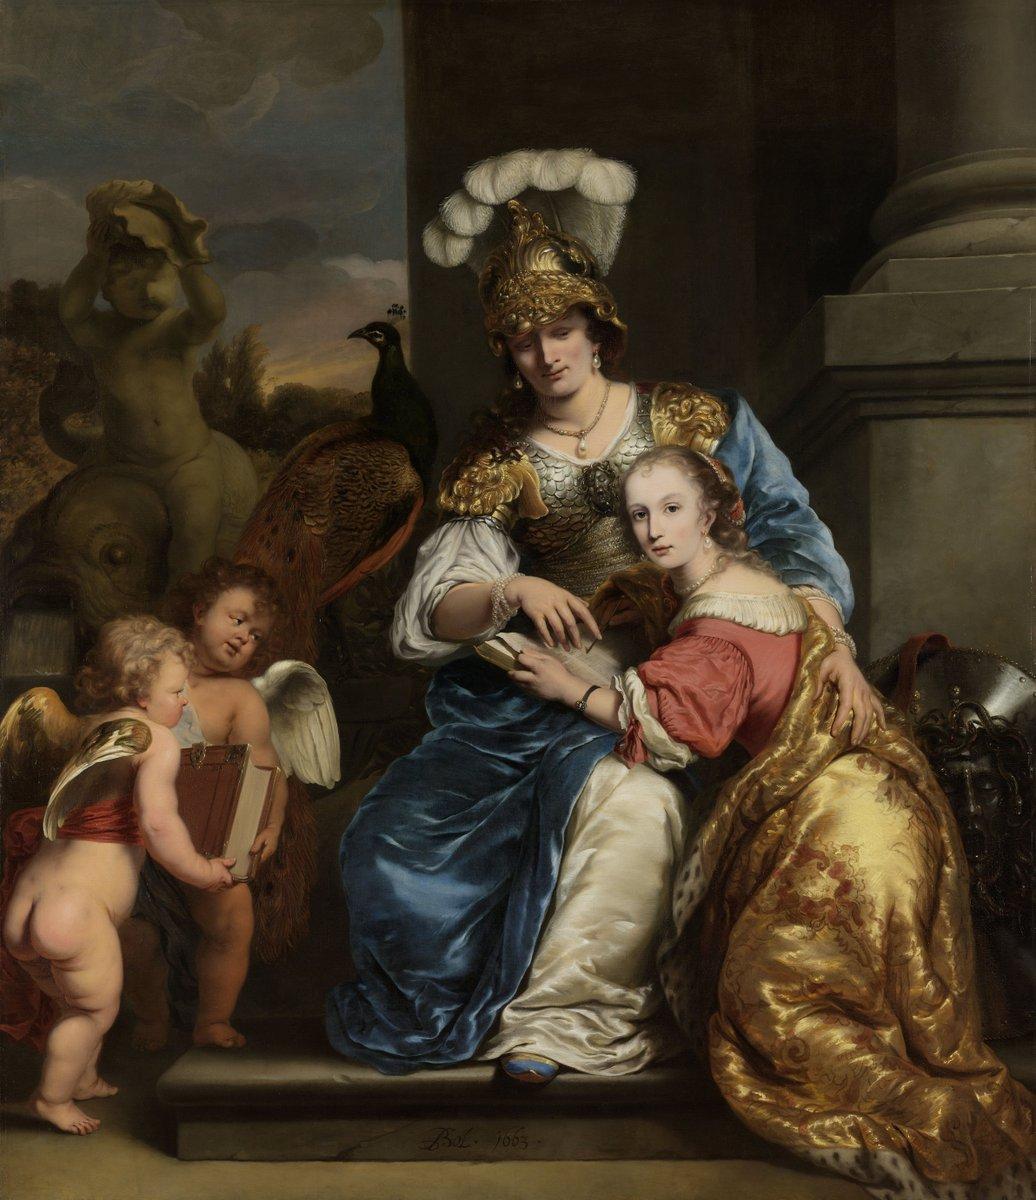 Rijksmuseum-Ferdinand-Bol-Margarita-Trip-die-als-Minerva-haar-zuster-Anna-Maria-Trip-onderwijst-Allegorie-op-het-onderwijs